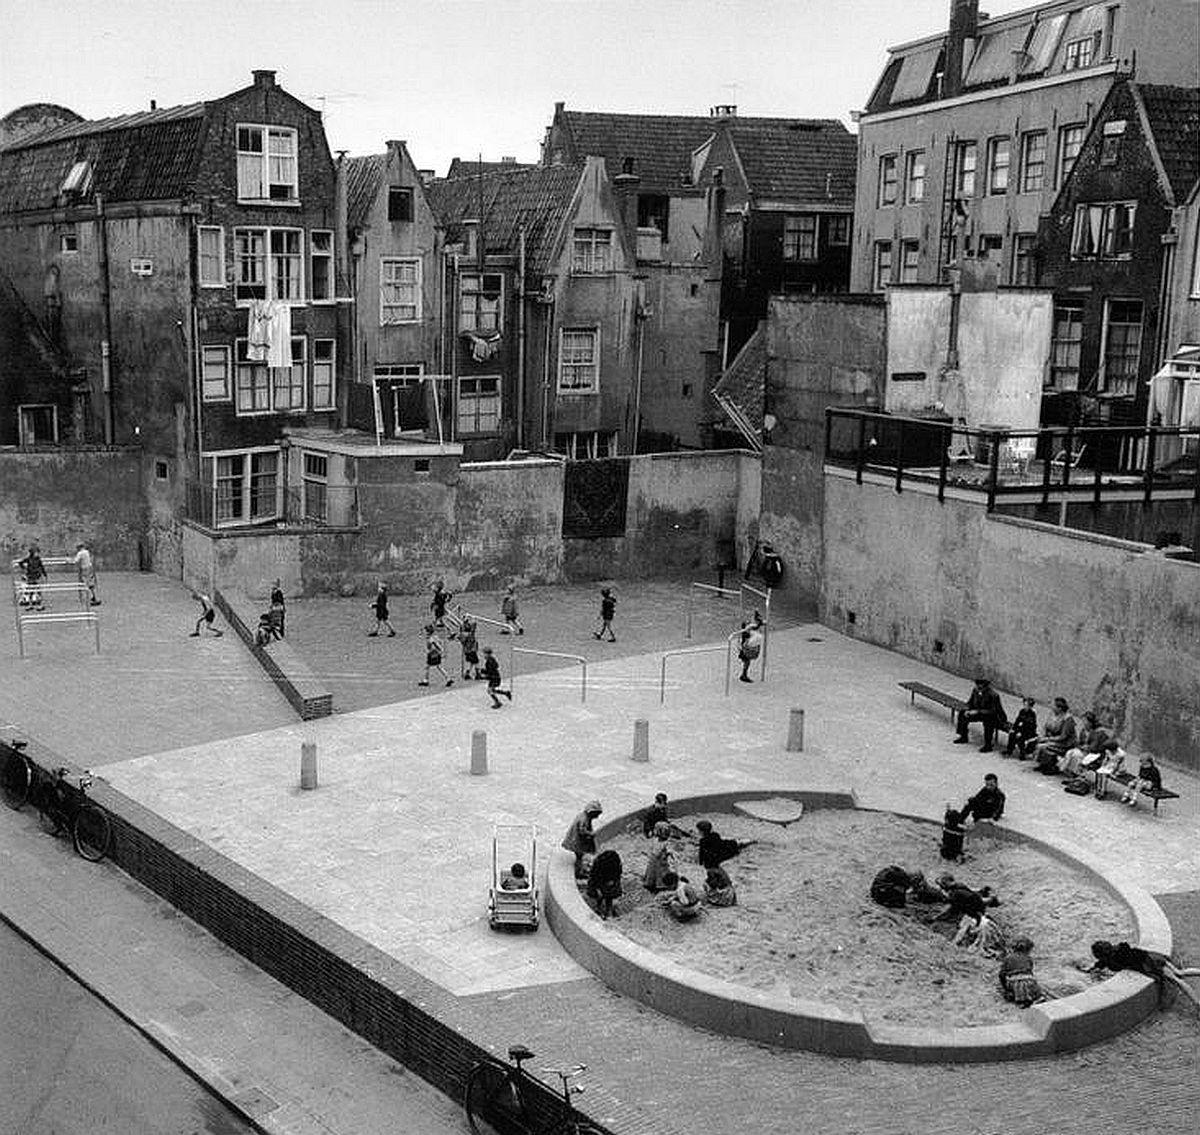 Speelplaats Aldo van Eyck Stadsarchief Amsterdam